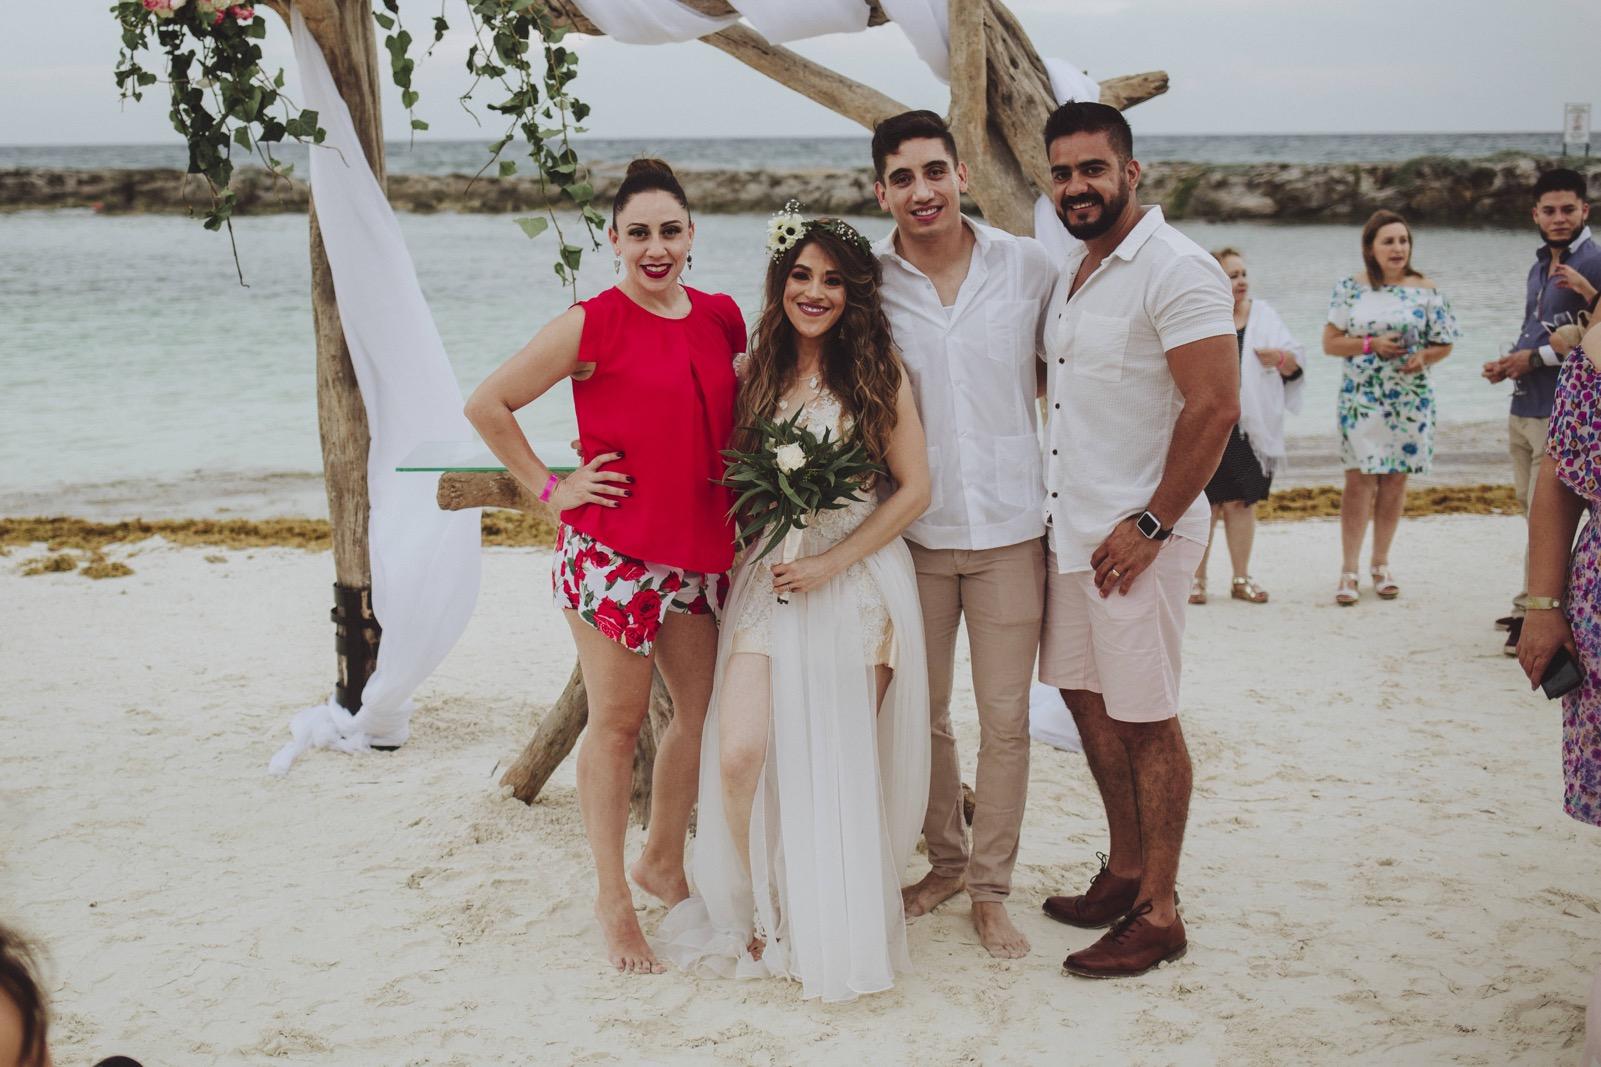 fotografo_bodas_profesional_zacatecas_riviera_maya_cancun-119